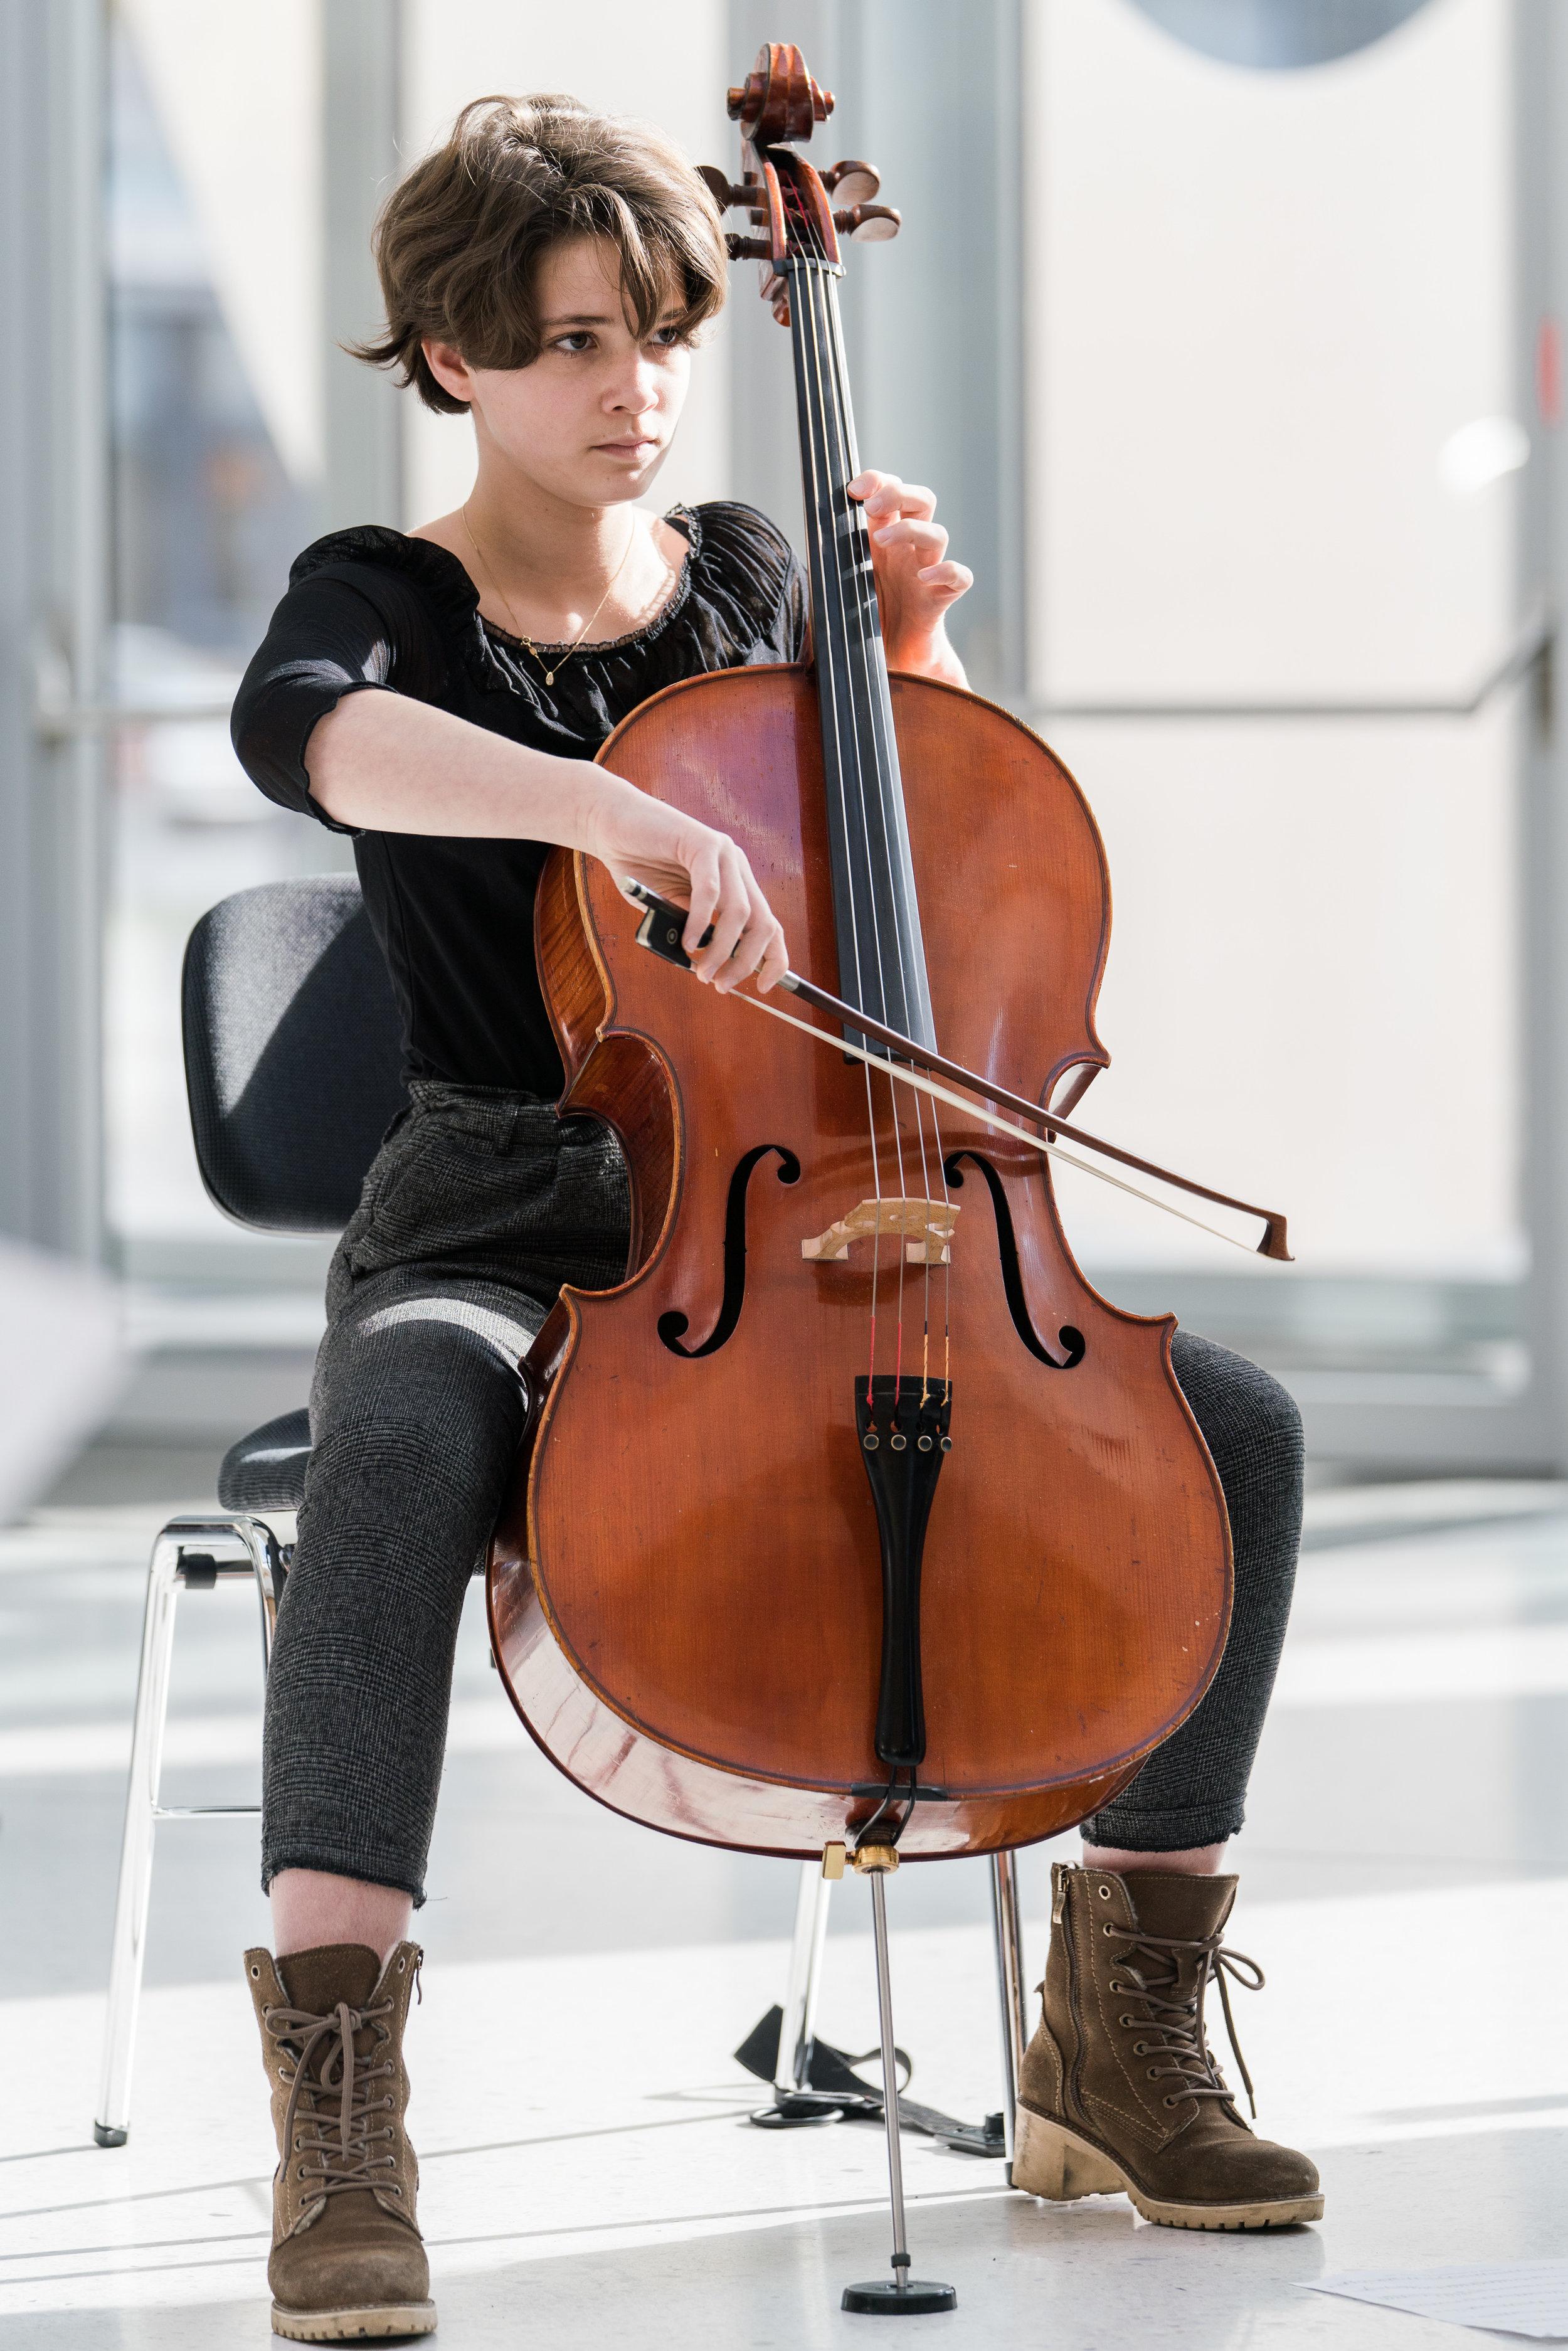 Konzert am Mittag - Cello20180206_005-036.jpg